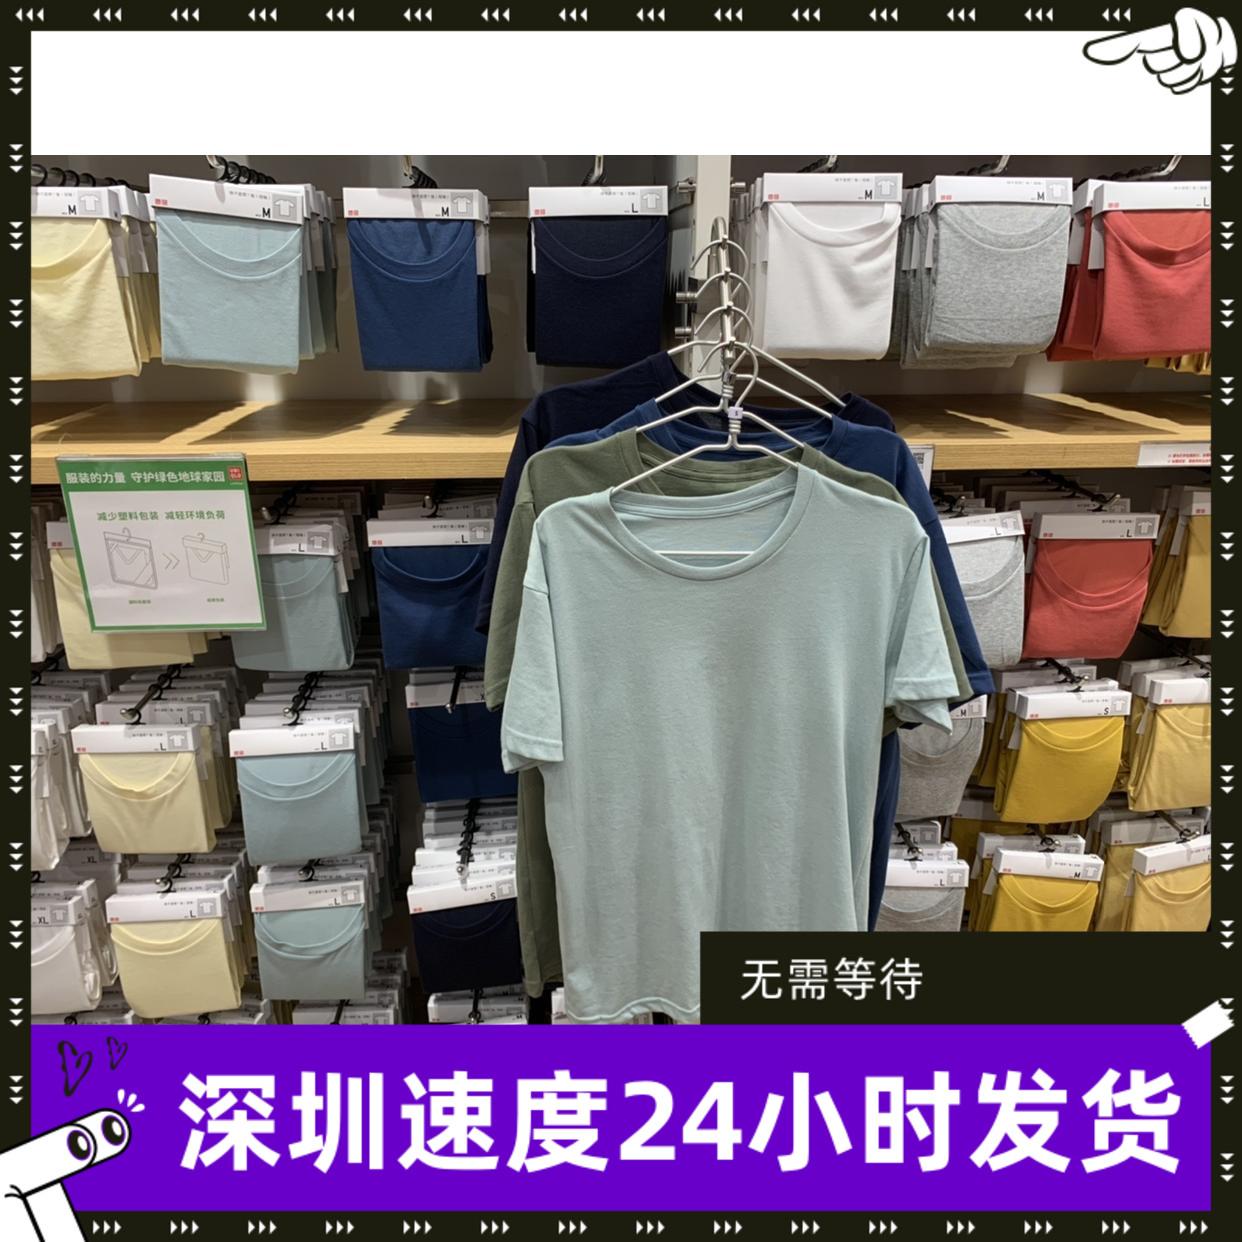 2件包邮 优衣库 男装 快干圆领短袖T恤夏季速干排汗男士T恤427917